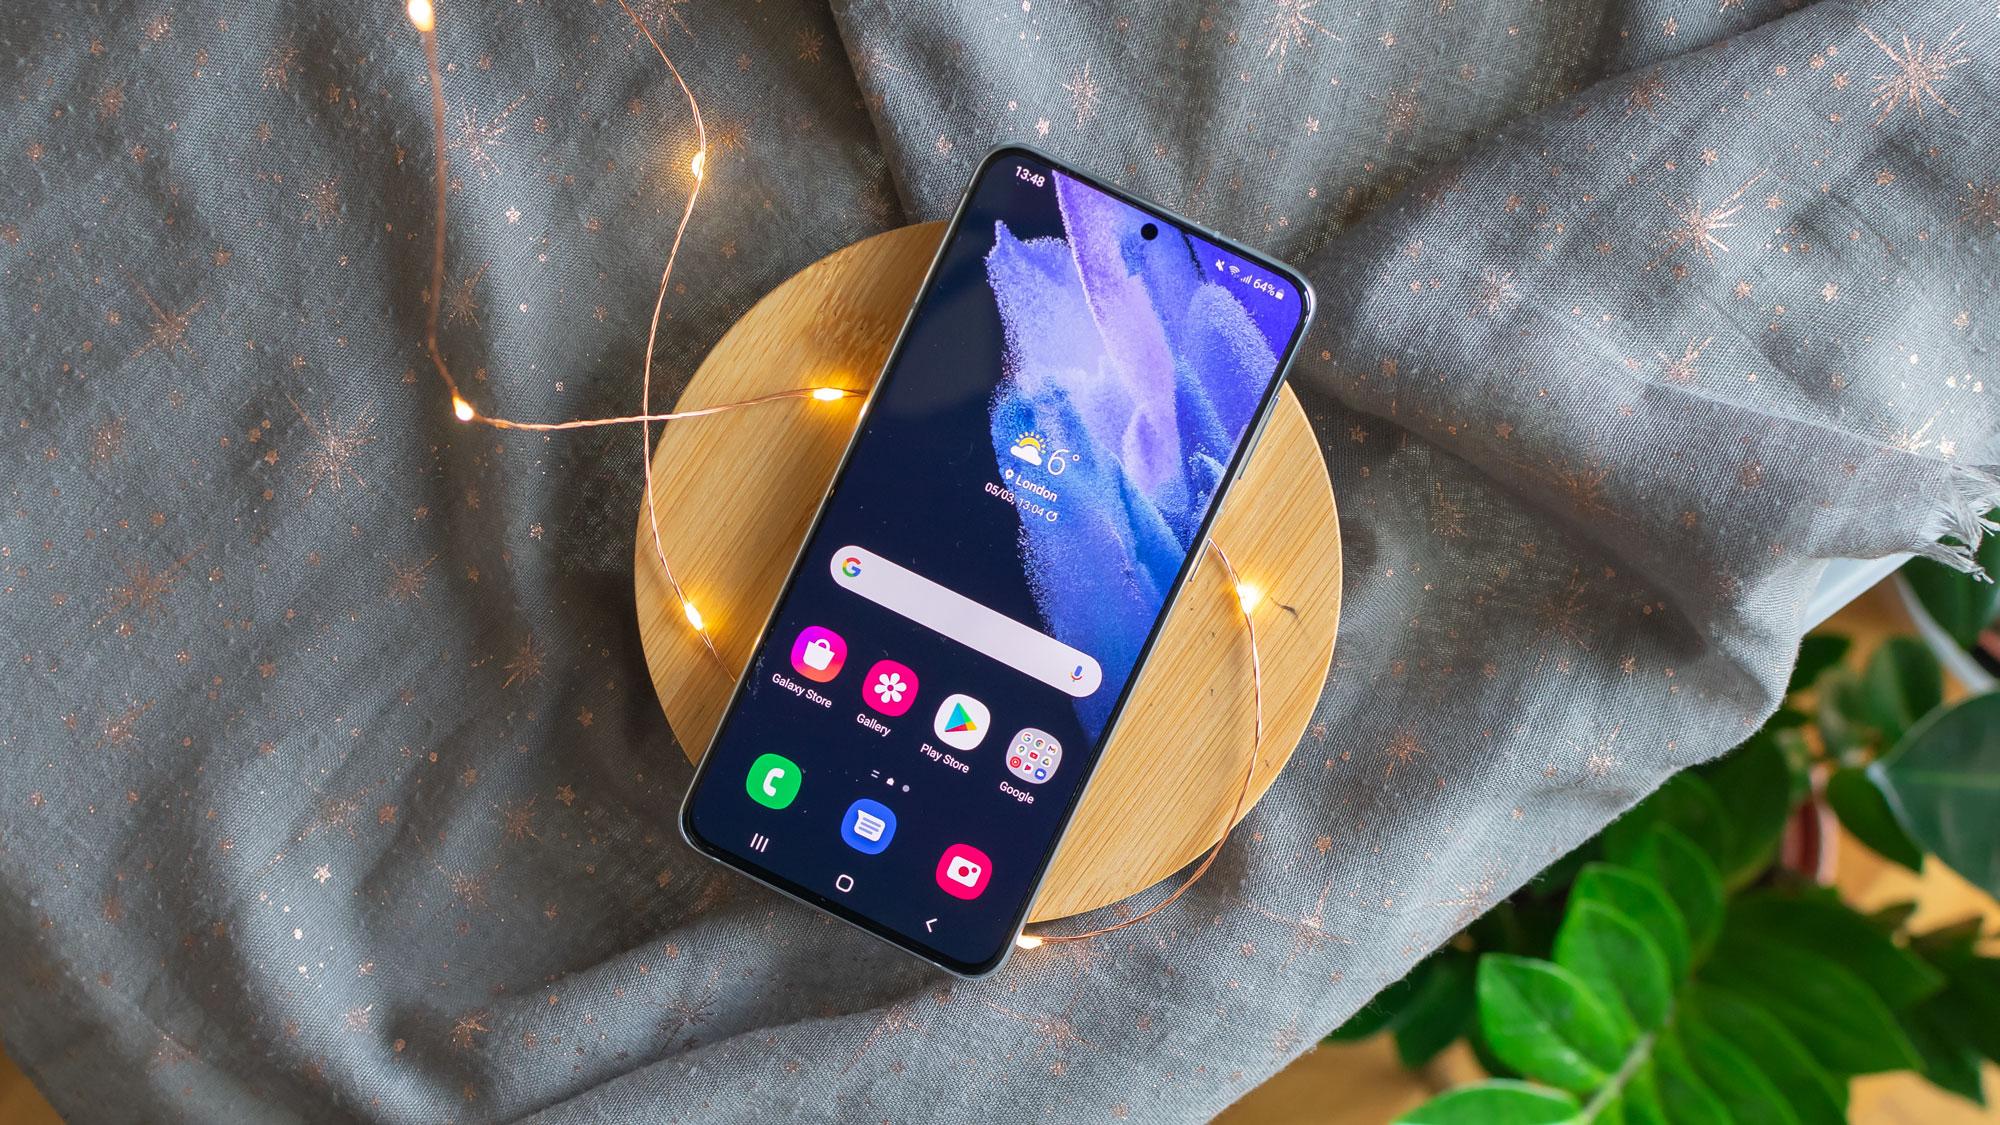 Samsung Galaxy S21+: best flagship